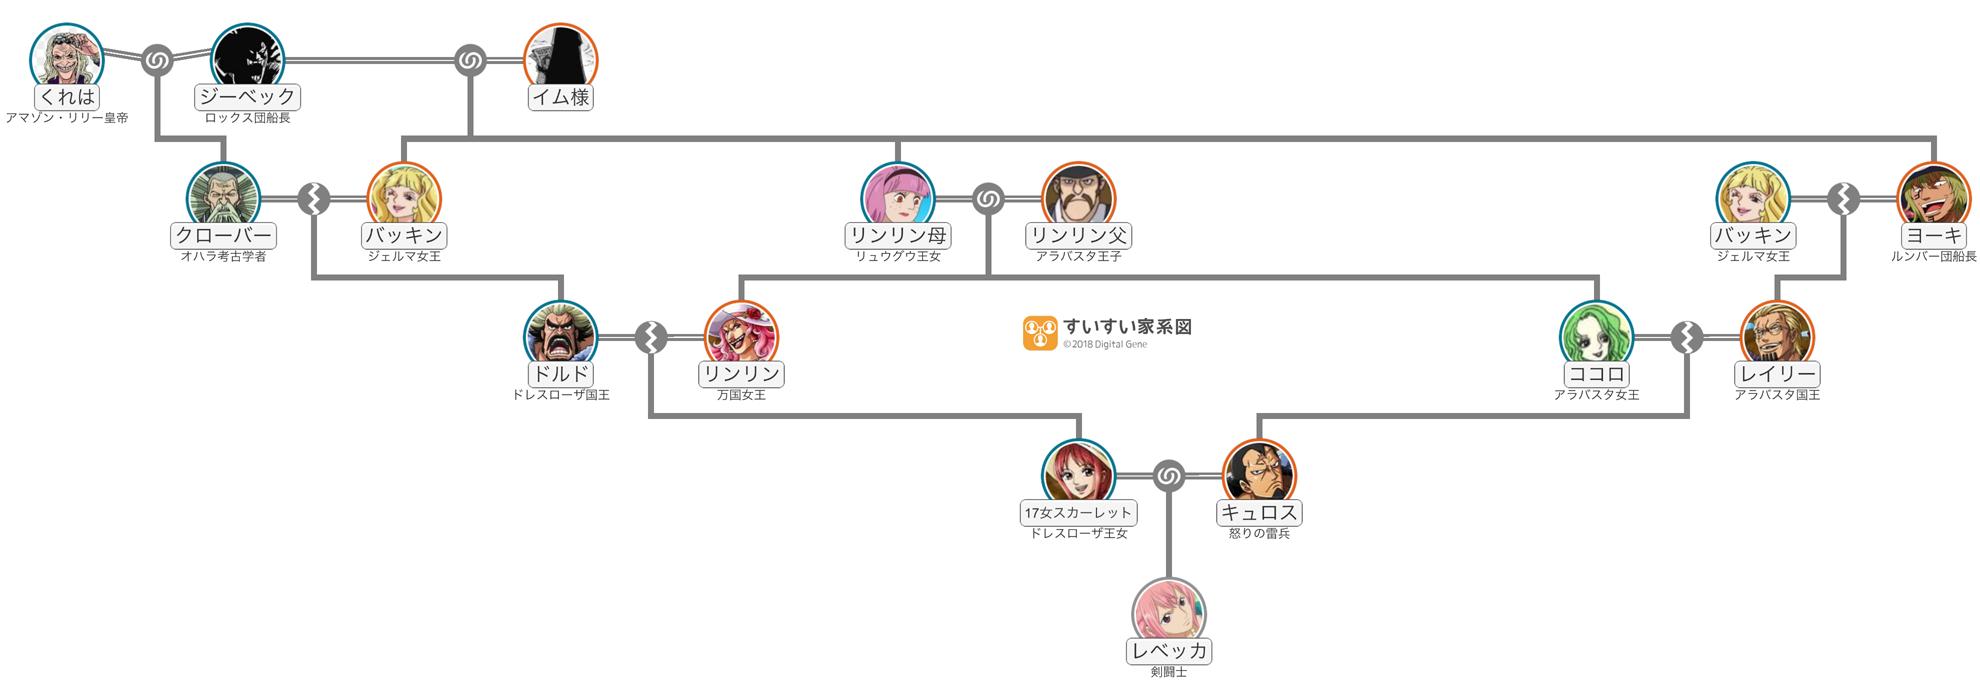 riku_family2m.png